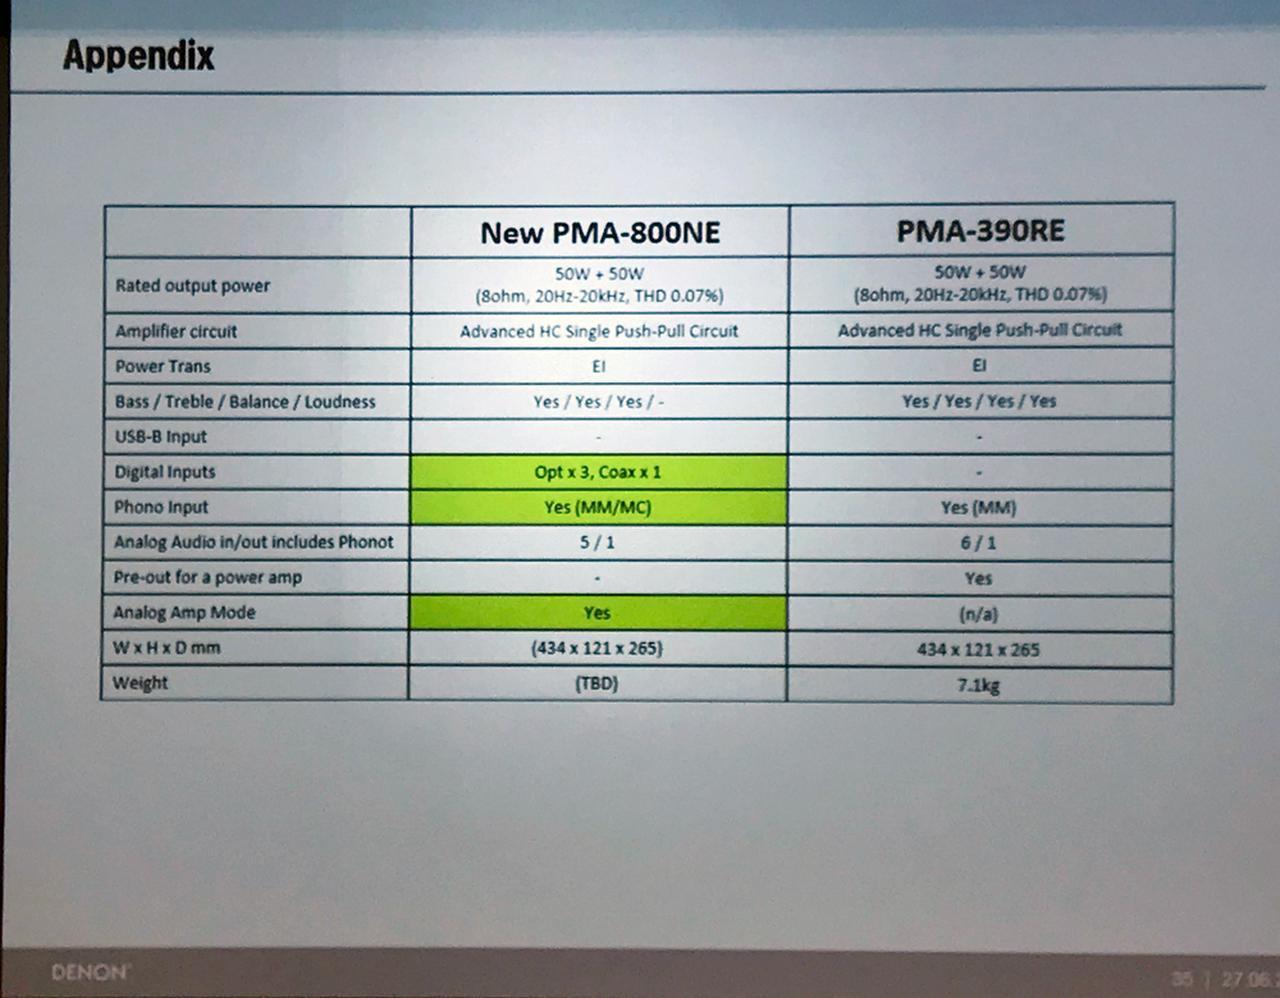 画像: プリメインアンプ「PMA-800NE」と併売品「PMA-390RE」の比較表。デジタル入力、MCのフォノ入力が追加された。また、「PMA-800NE」にはデジタルブロックの動作を止める「Analog Amp Mode」も搭載する